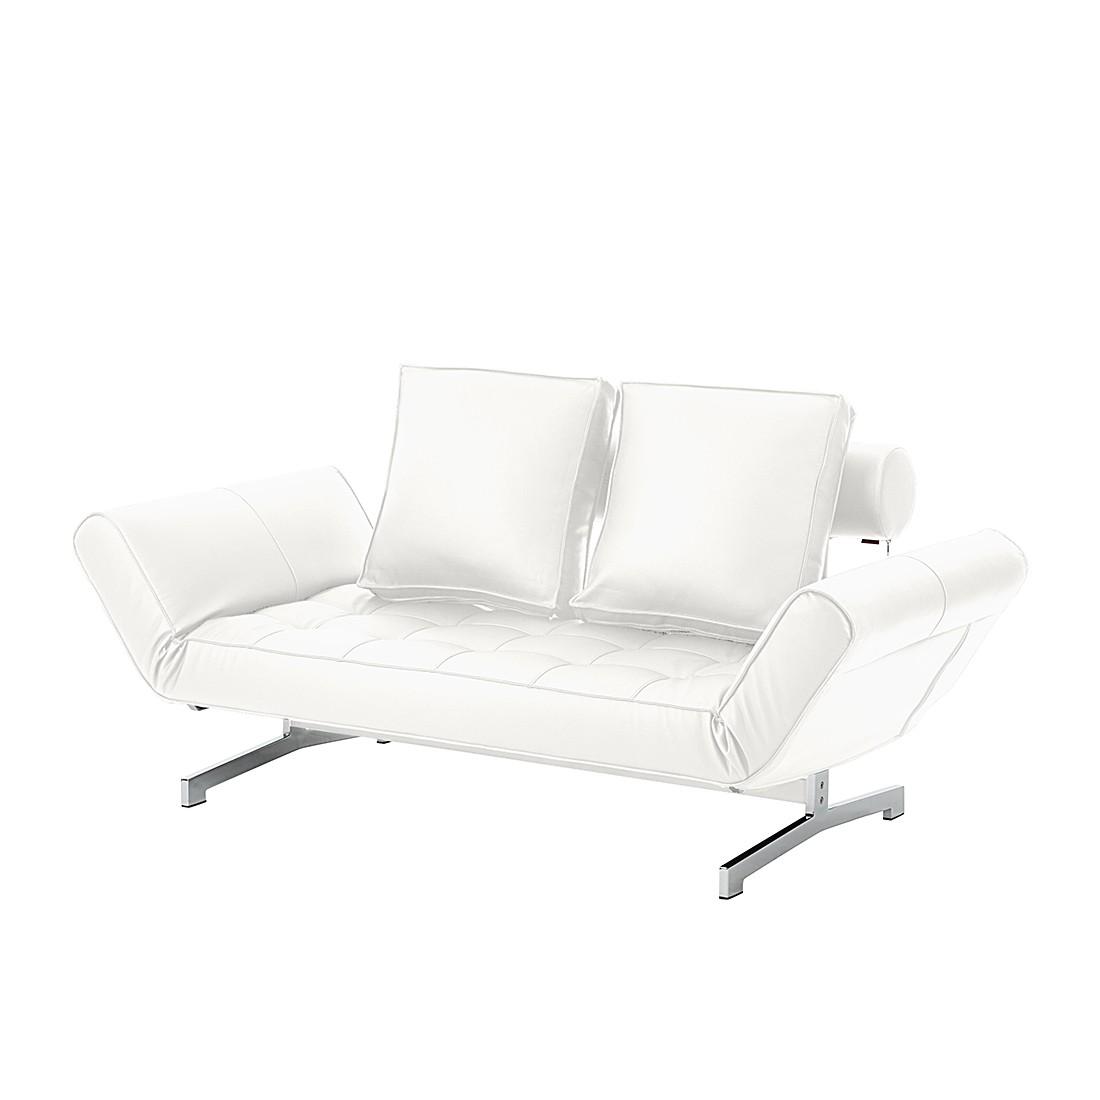 goedkoop Klapbank Ghia slaapfunctie kunstleer Gebroken wit Innovation Möbel